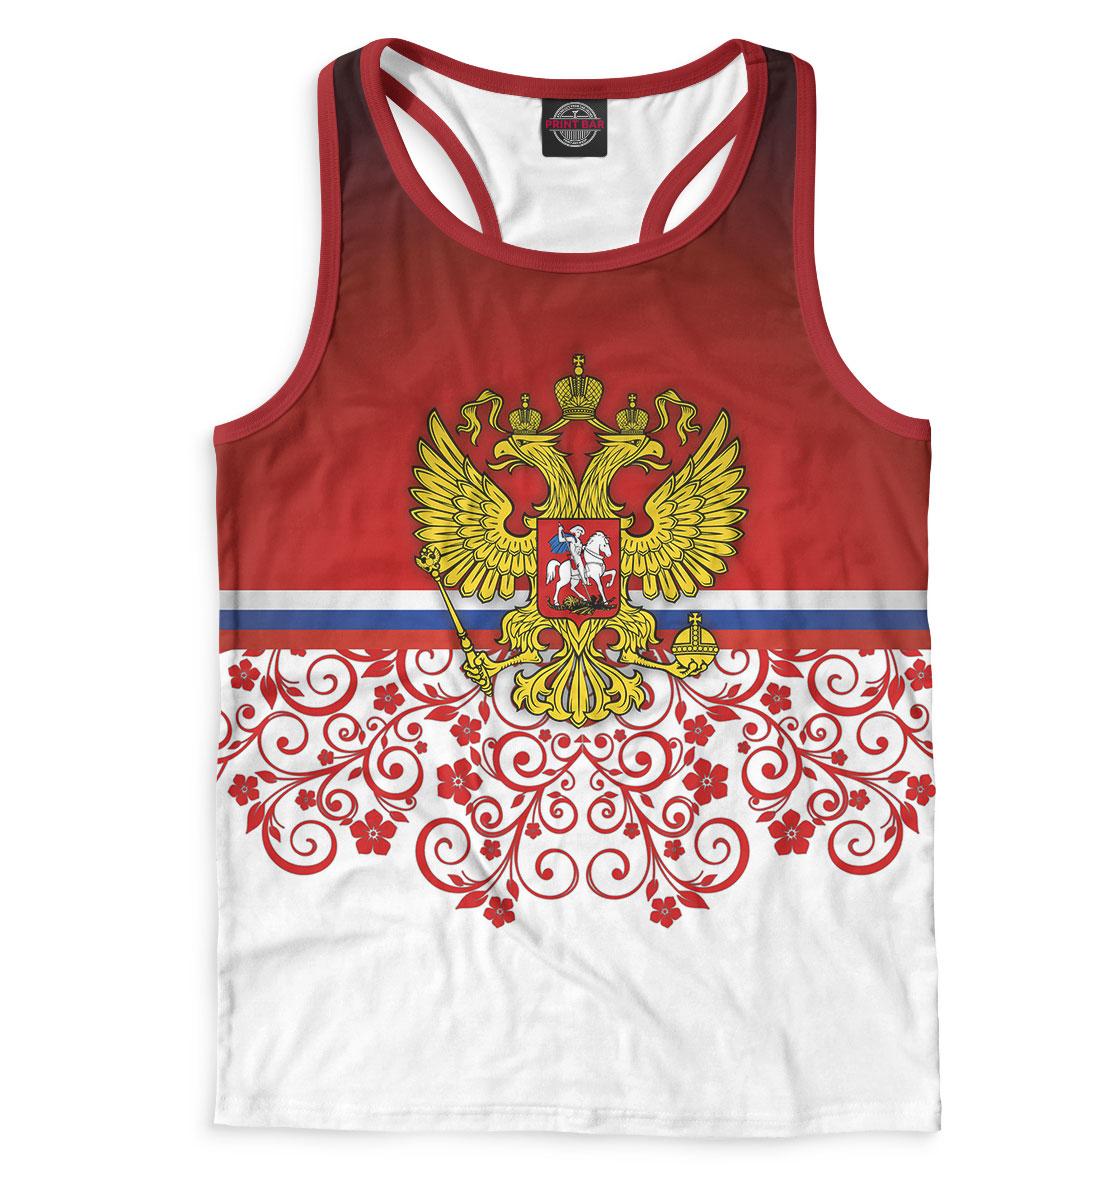 Купить Сборная России, Printbar, Майки борцовки, FRF-519124-mayb-2